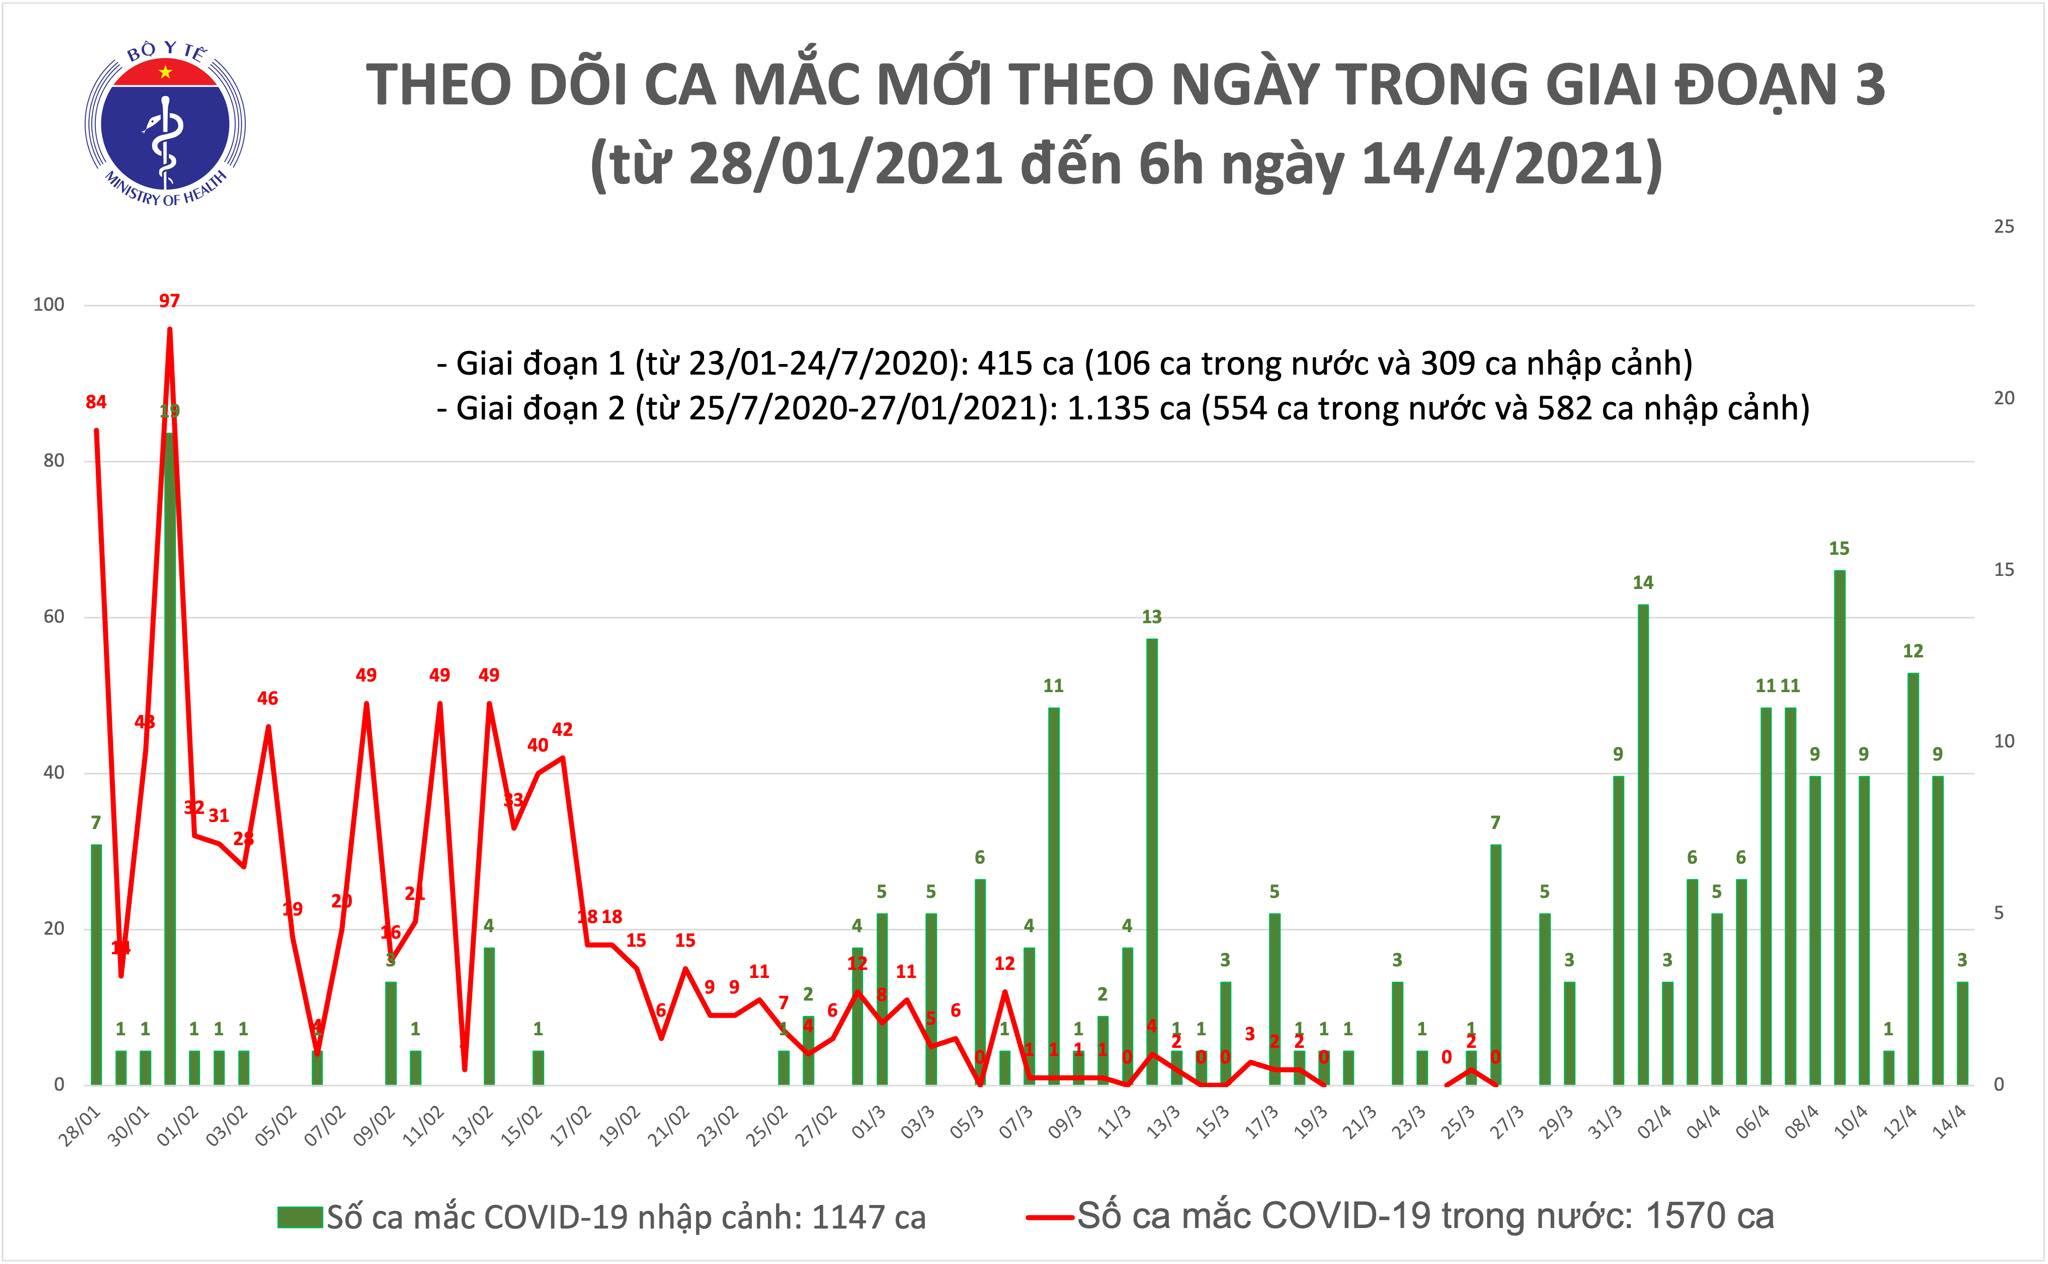 Sáng 14/4: Thêm 3 ca mắc COVID-19 tại Khánh Hòa, hơn 60.000 người Việt Nam đã tiêm vắc xin - Ảnh 1.